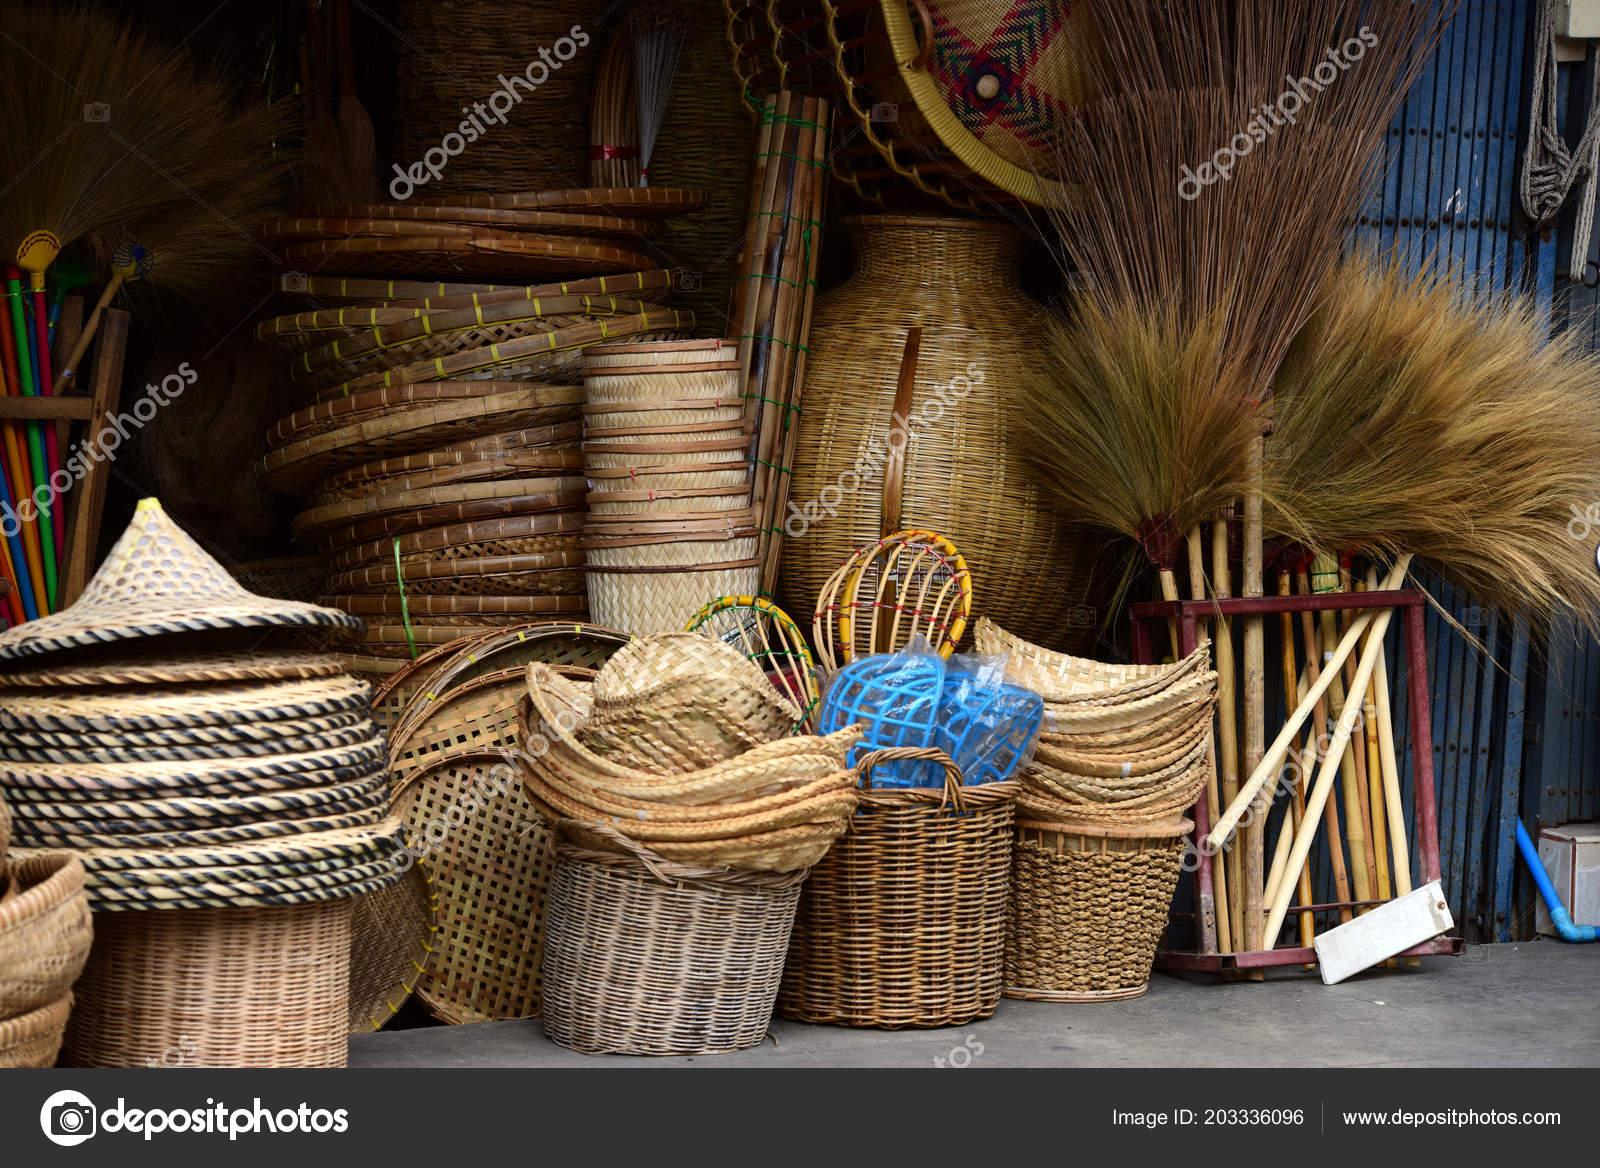 00fd38dd9ce0 Rattan vagy bambusz kézműves kézzel készített, természetes szalma kosár.  Fonott kosár Thai kézműves. Ez az fonott bambusz textúra a háttér és a  design.